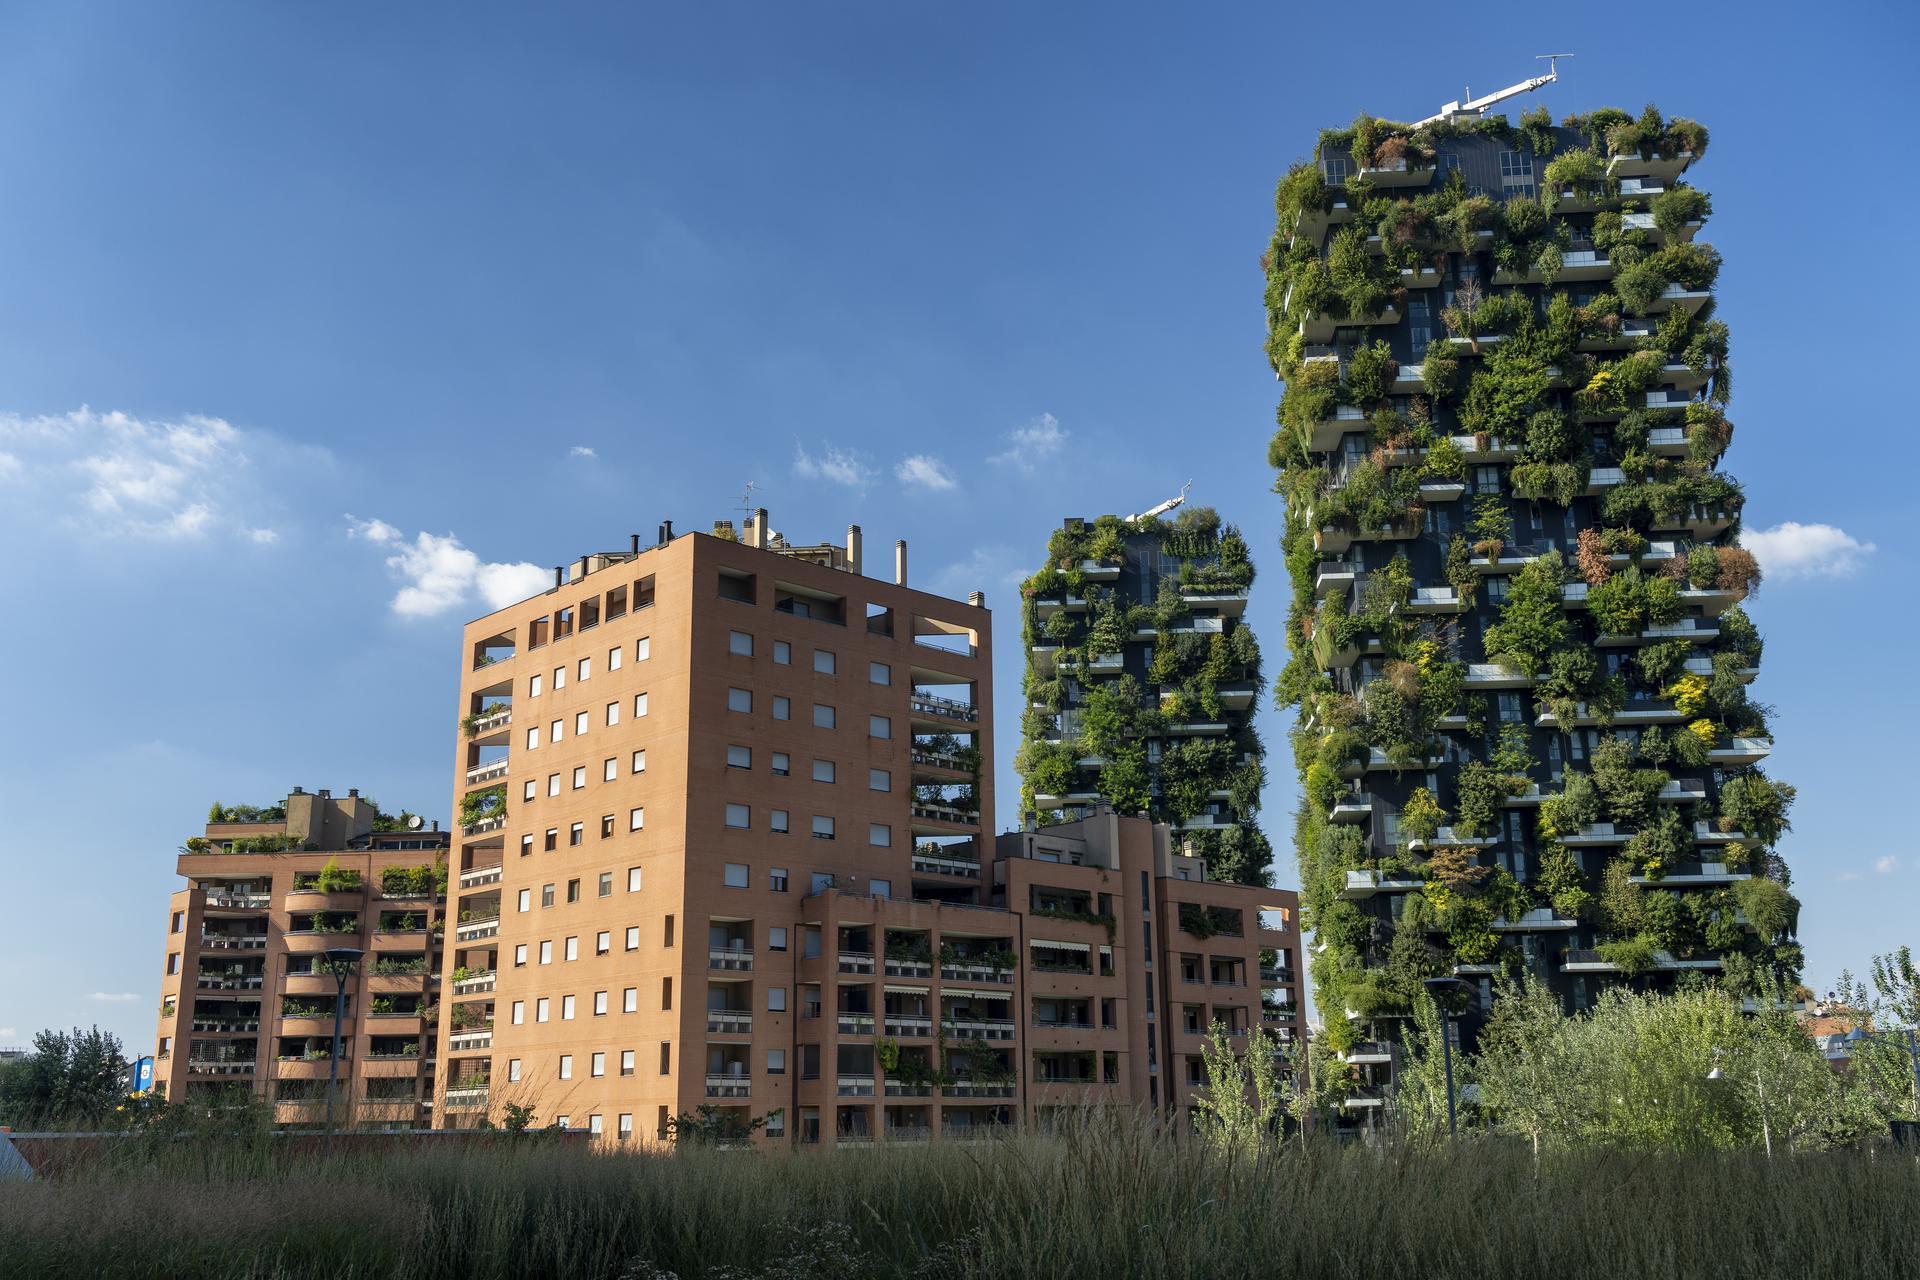 Bosco Verticale Appartamenti Costo come trovare appartamenti in affitto a milano con il covid19